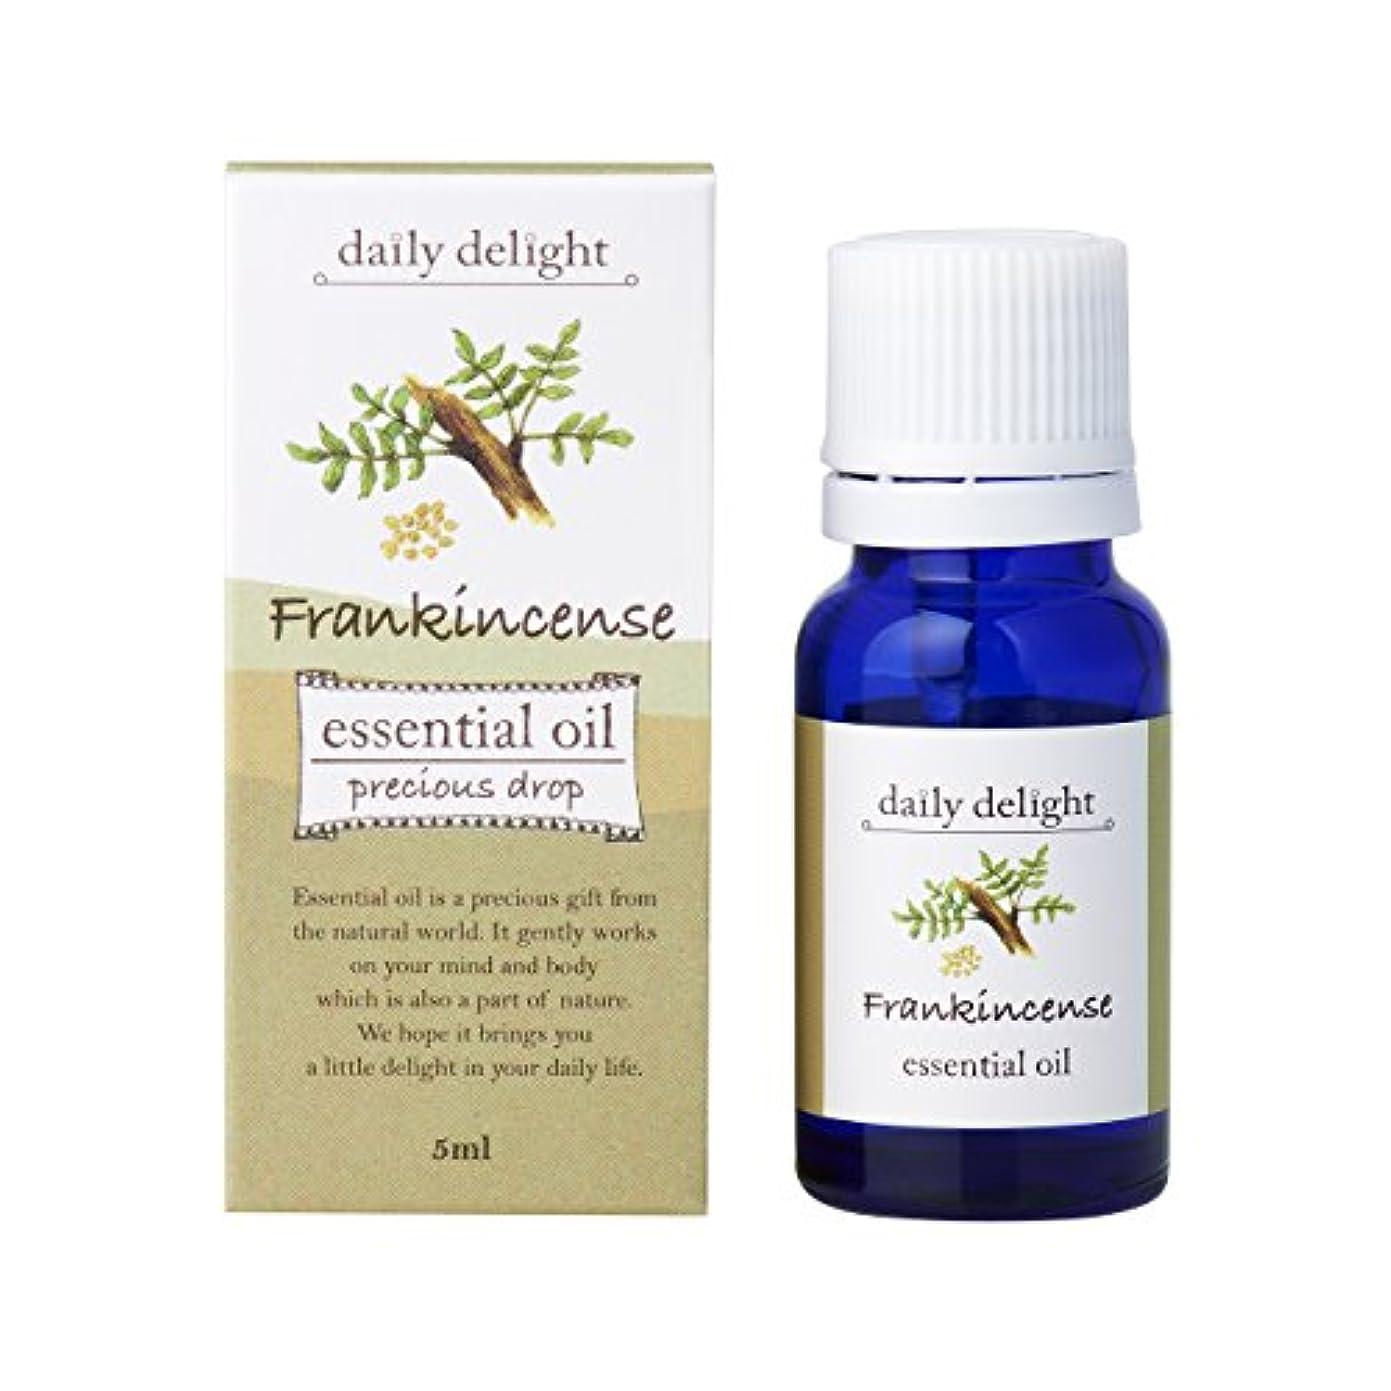 母性ジュースポンドデイリーディライト エッセンシャルオイル フランキンセンス 5ml(天然100% 精油 アロマ 樹脂系 樹脂から採れるさわやかな木の香り)